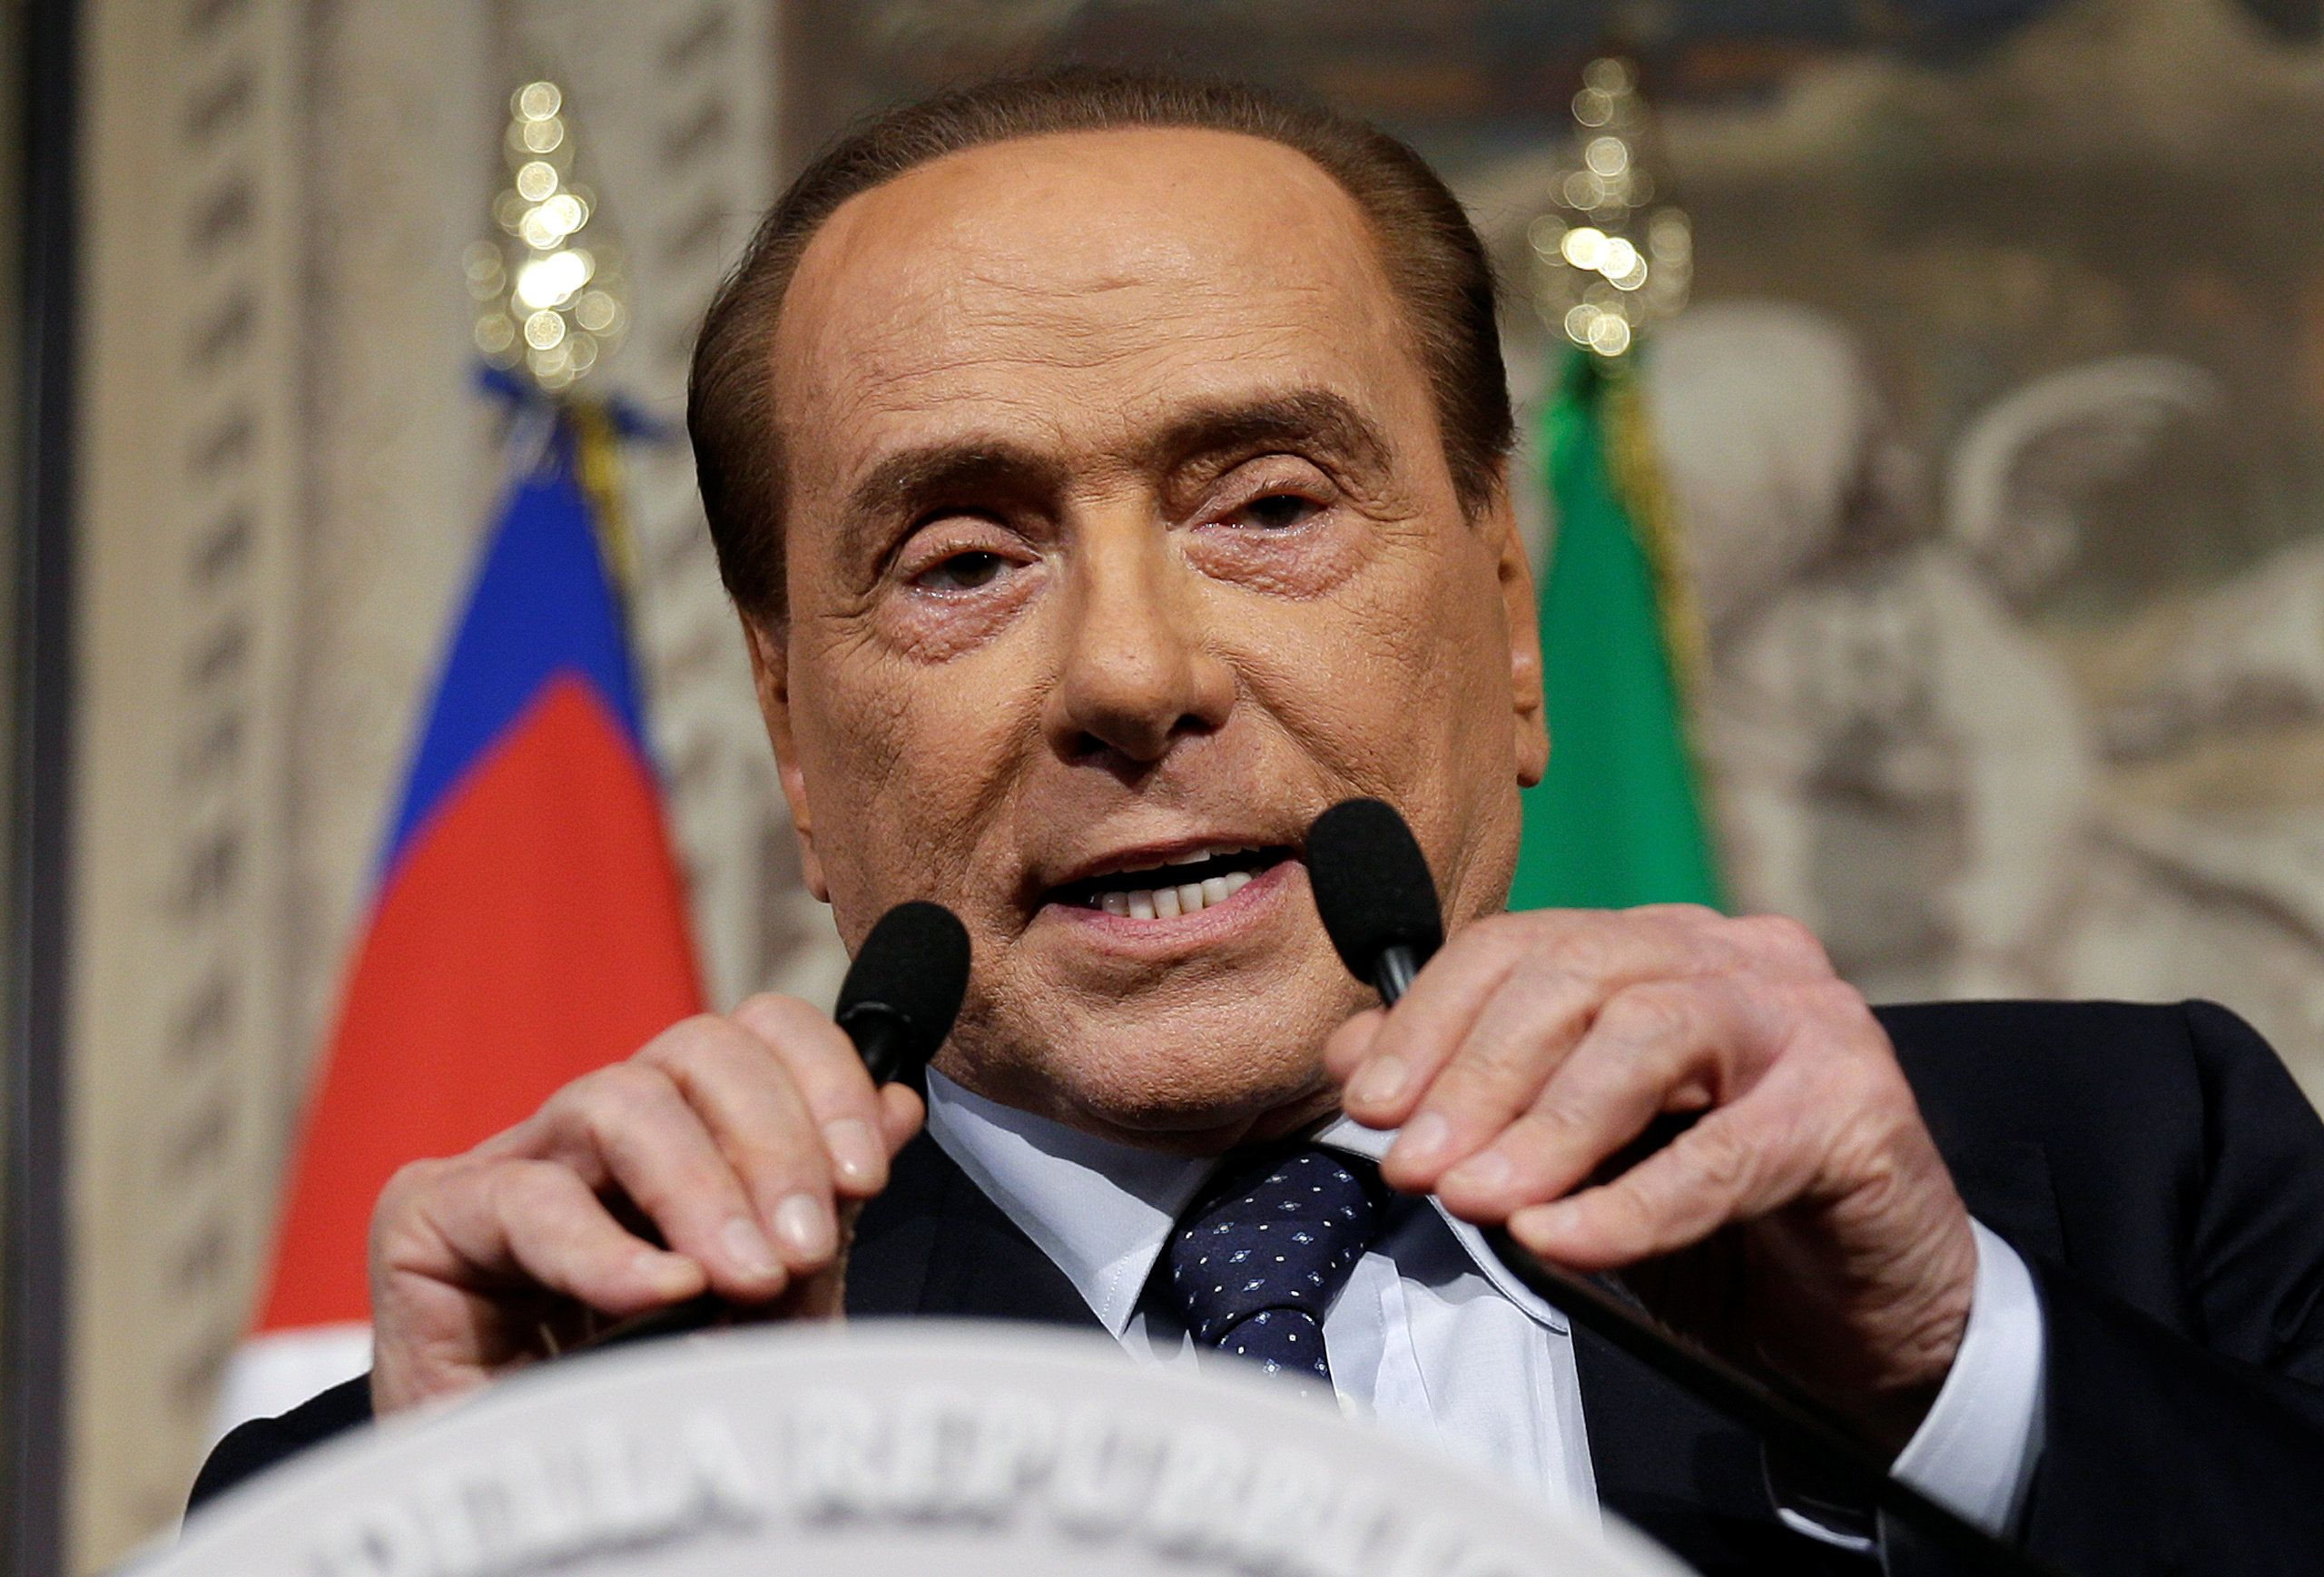 Forza Italia leader Silvio Berlusconi speaks following a talk with Italian President Sergio Mattarella at the Quirinale palace in Rome, Italy, April 12, 2018.  REUTERS/Max Rossi